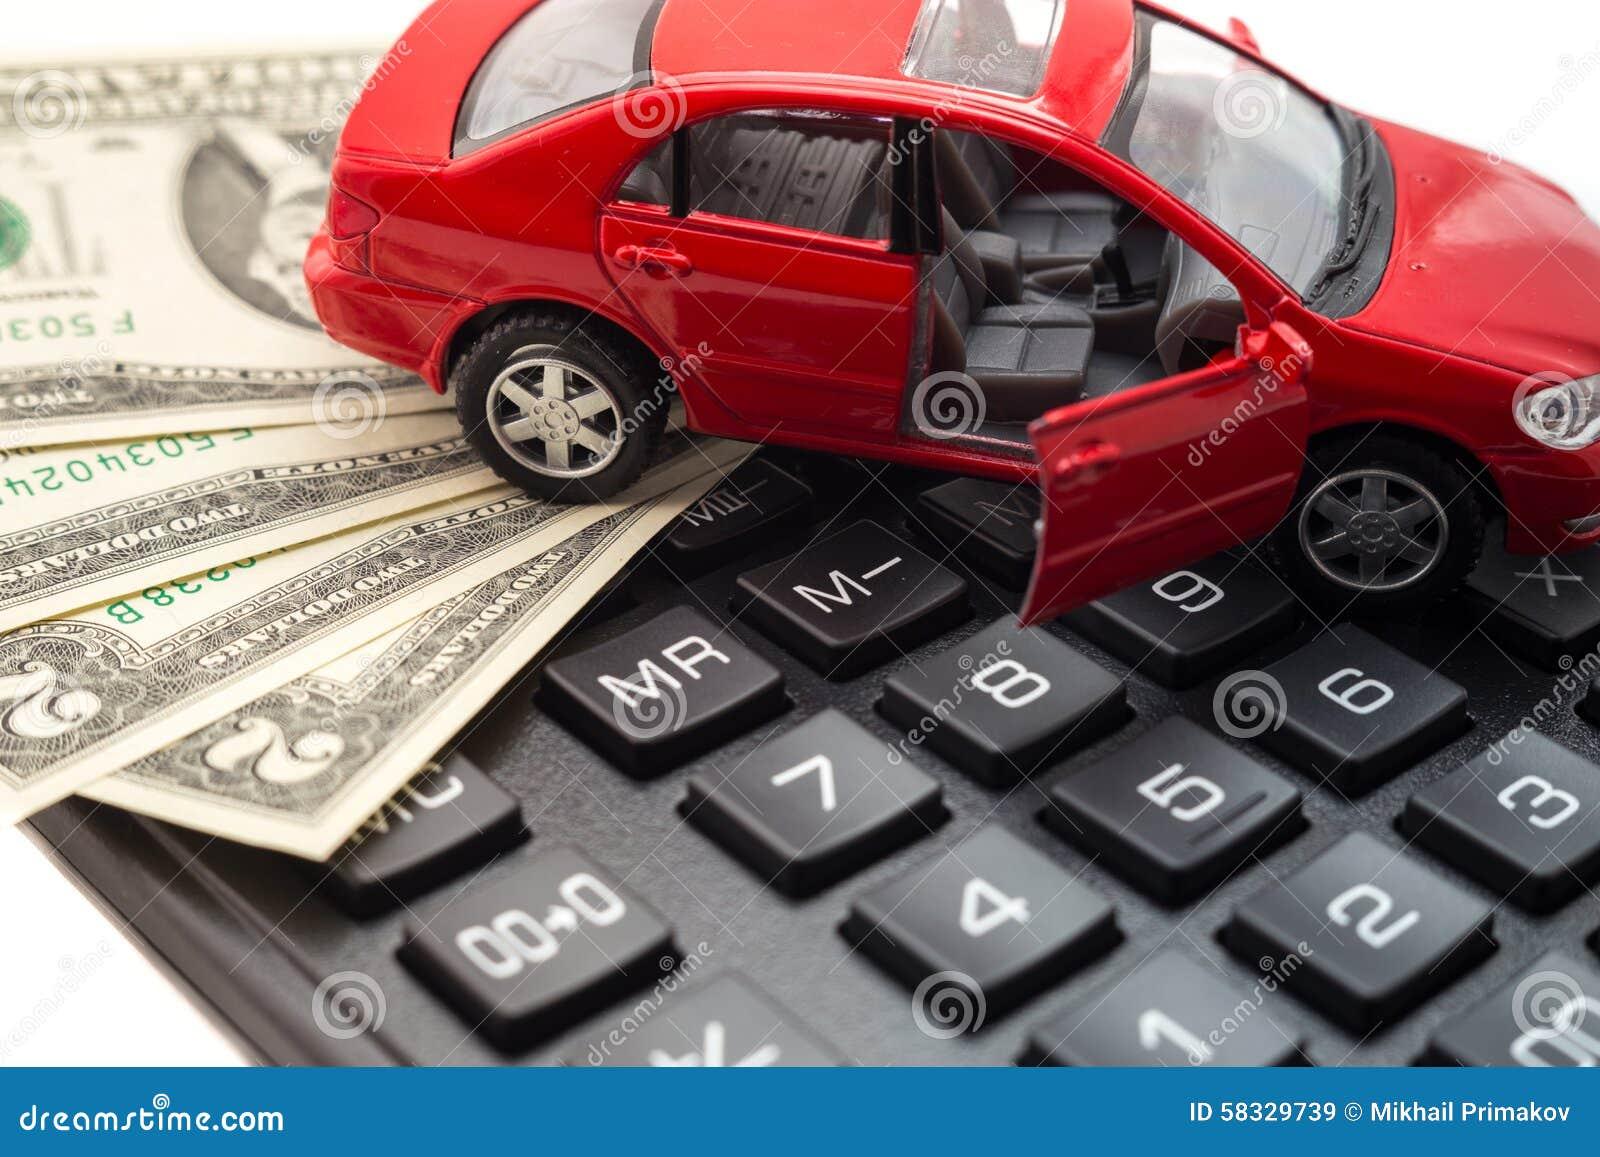 5万的车一年全险多少钱 五万元的车保险一年多少钱